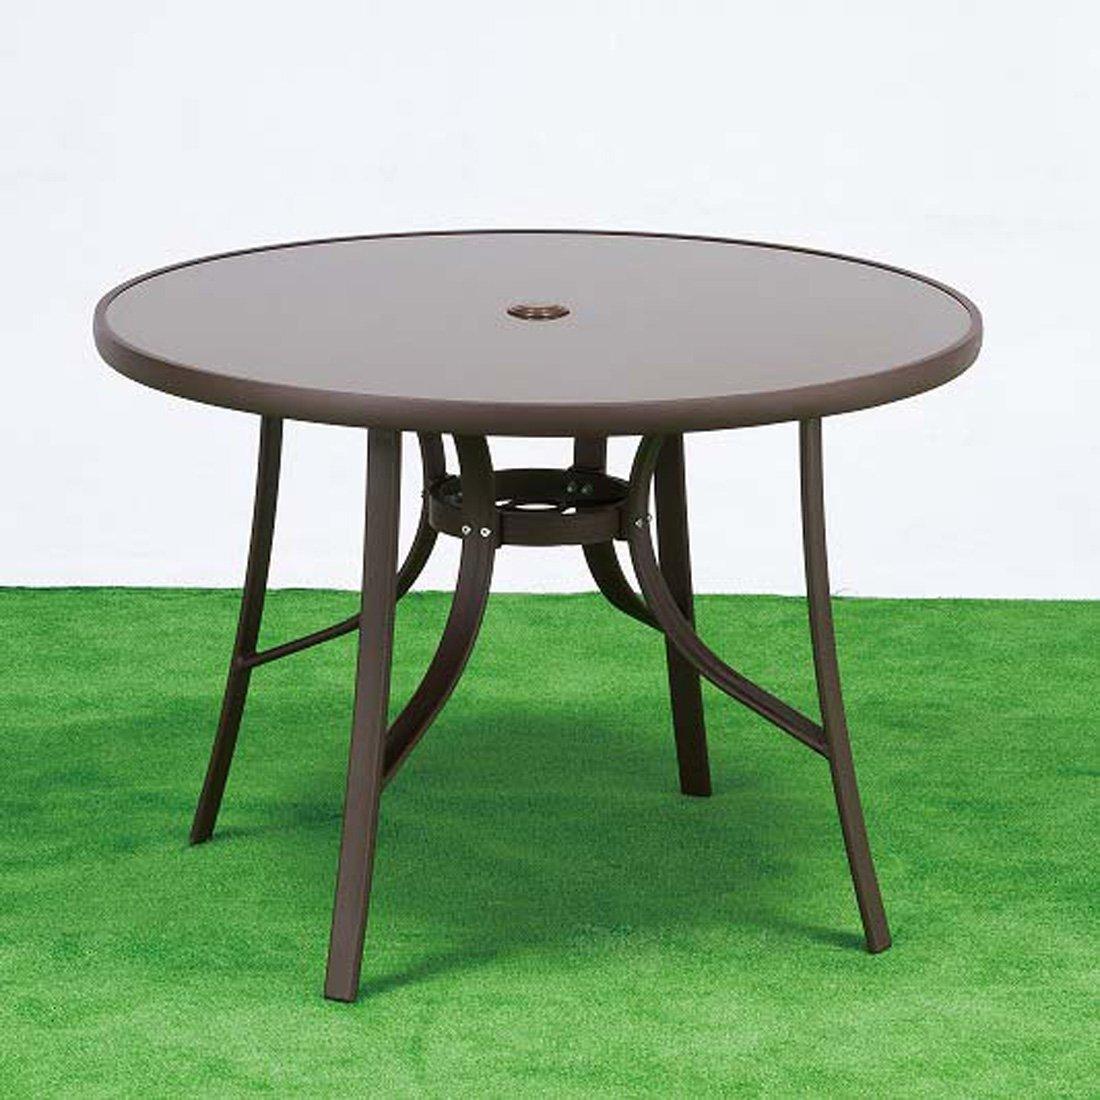 パティオガーデンカフェテーブル  ガラス ガーデンテーブル GDT-102 B00JKB3VC4